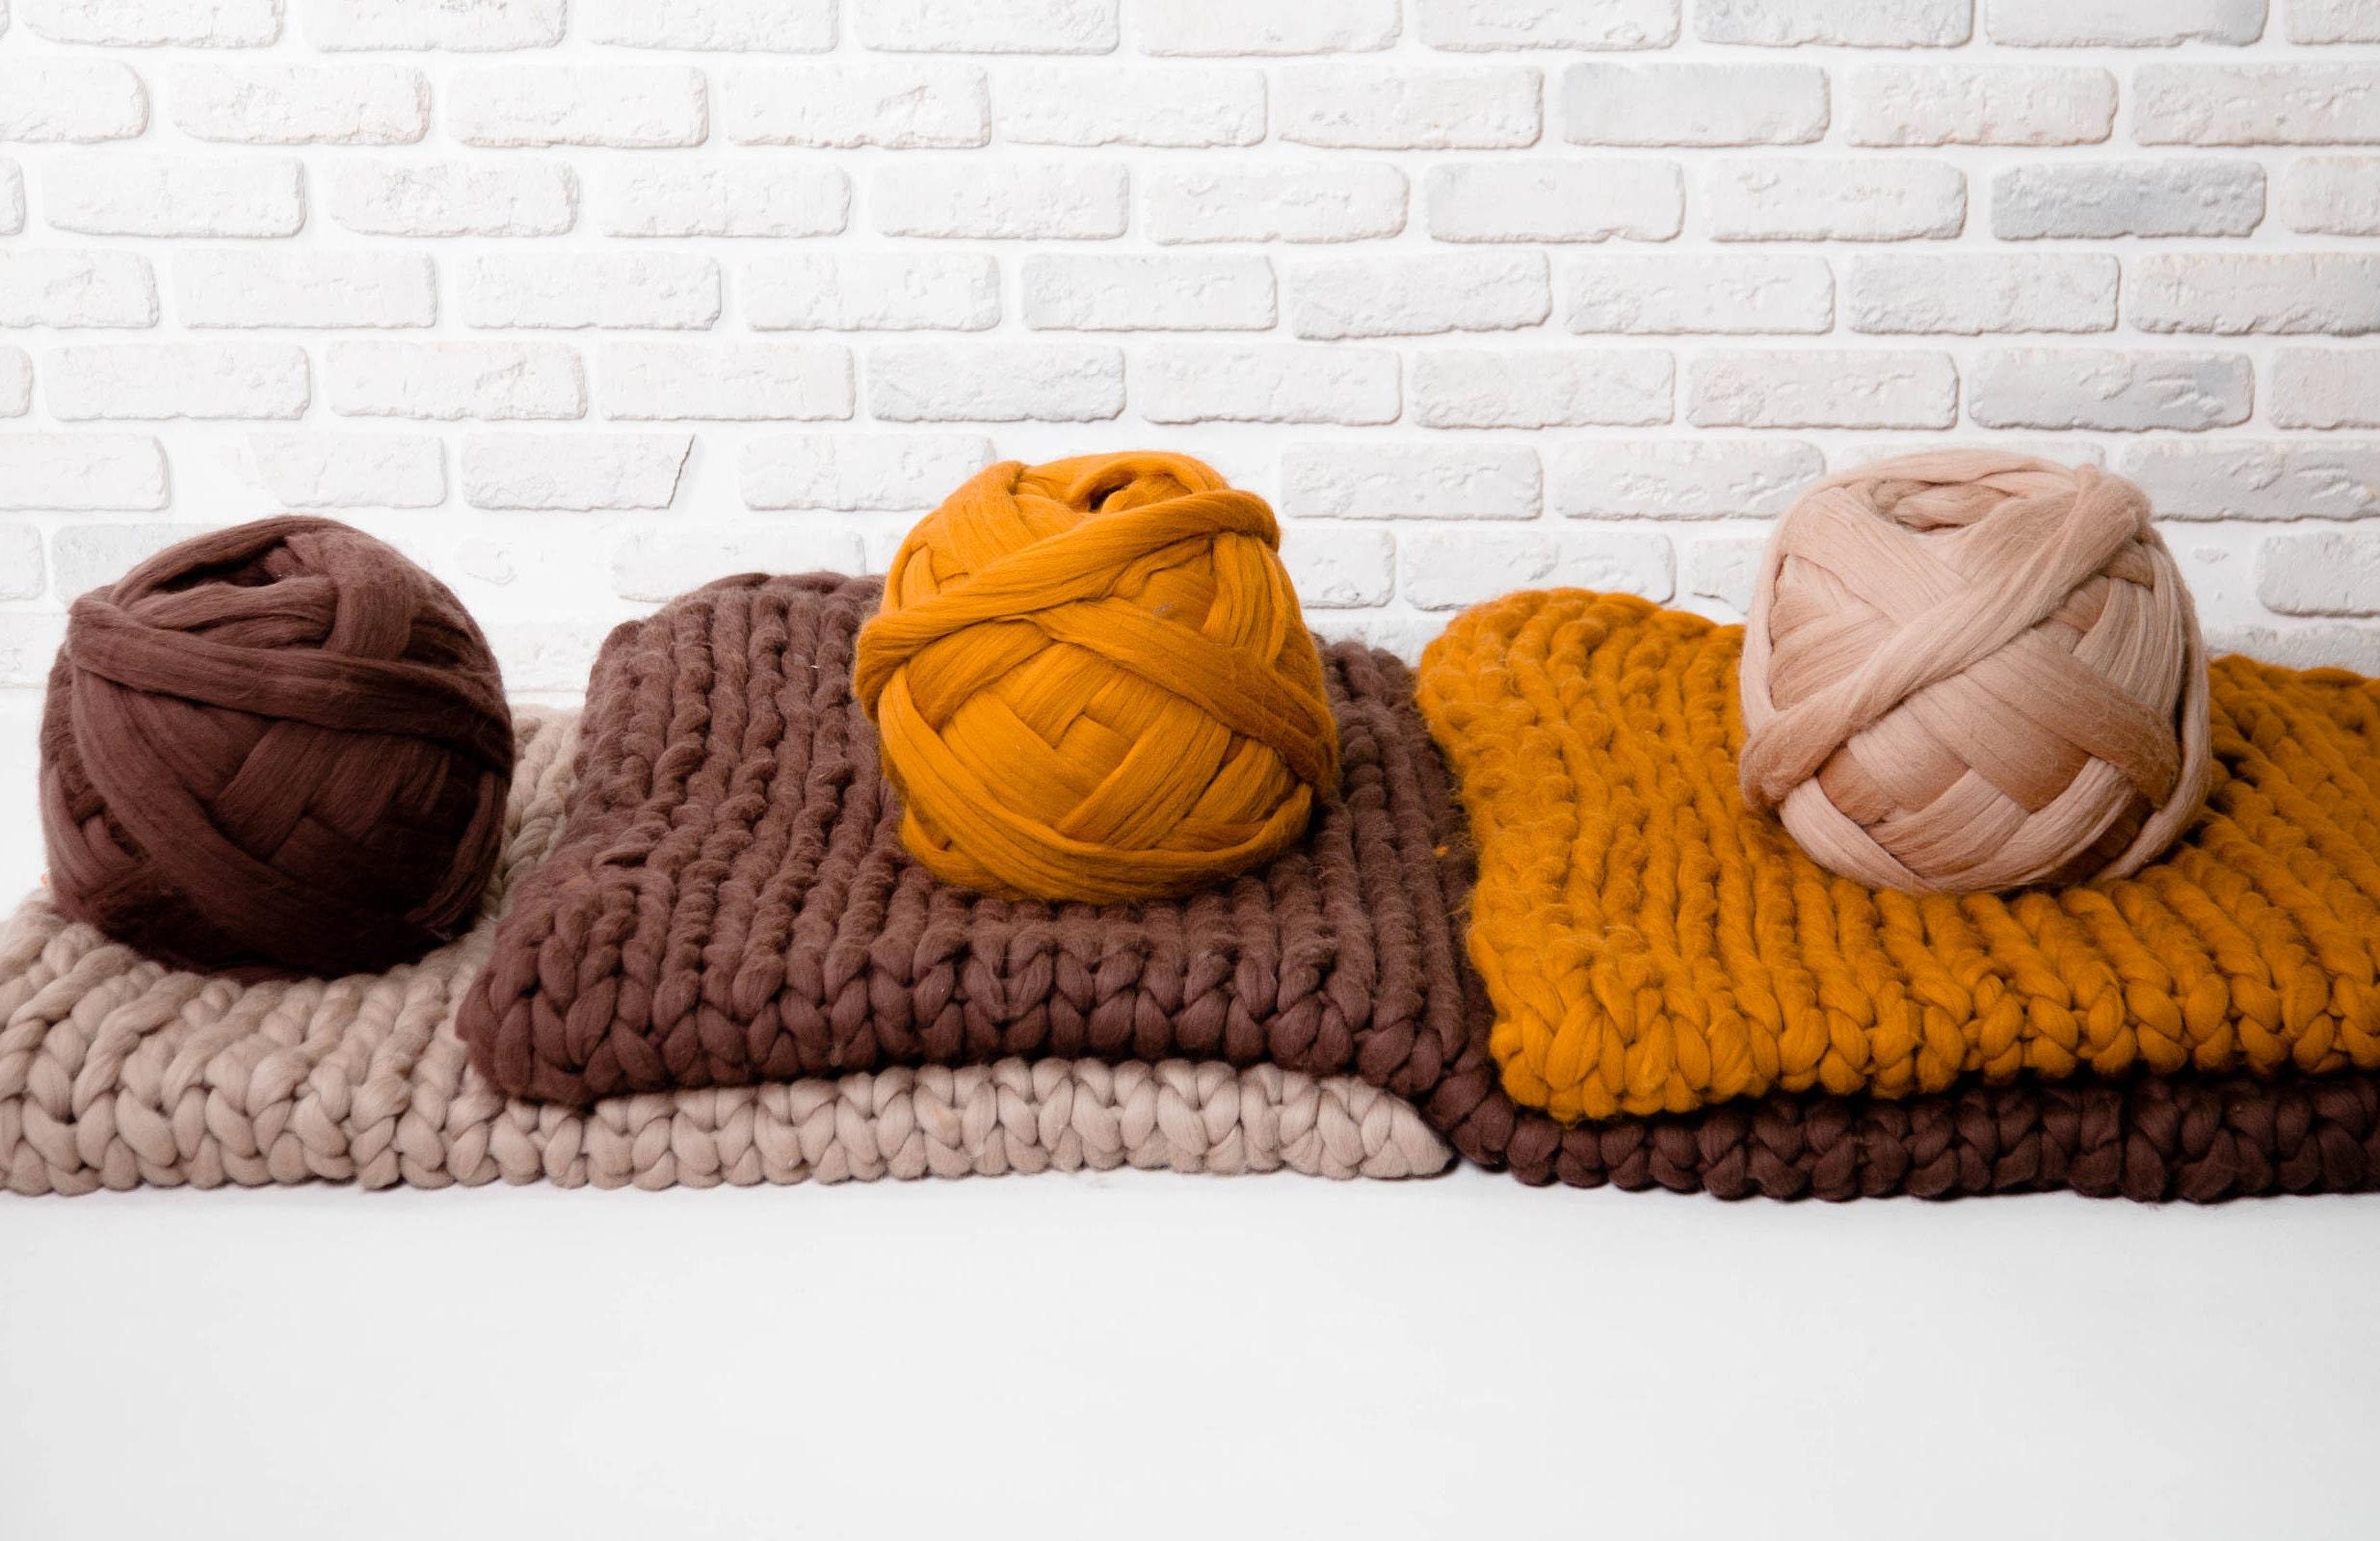 Riesen Wolle für Arm Knitting übergroße Garn Mega sperriges